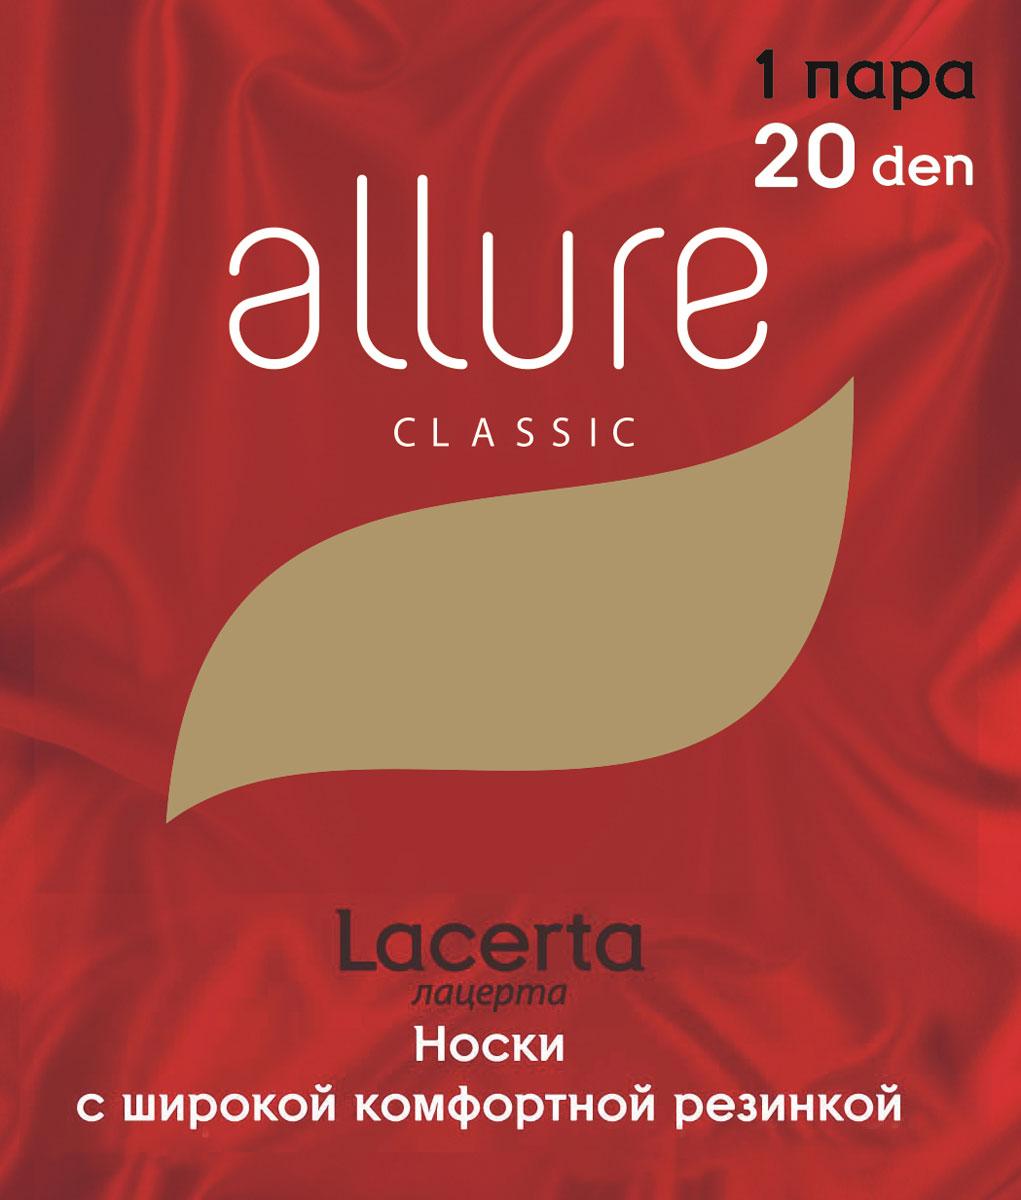 Носки женские Allure Lacerta 20, цвет:  Nero (черный).  Размер универсальный Allure